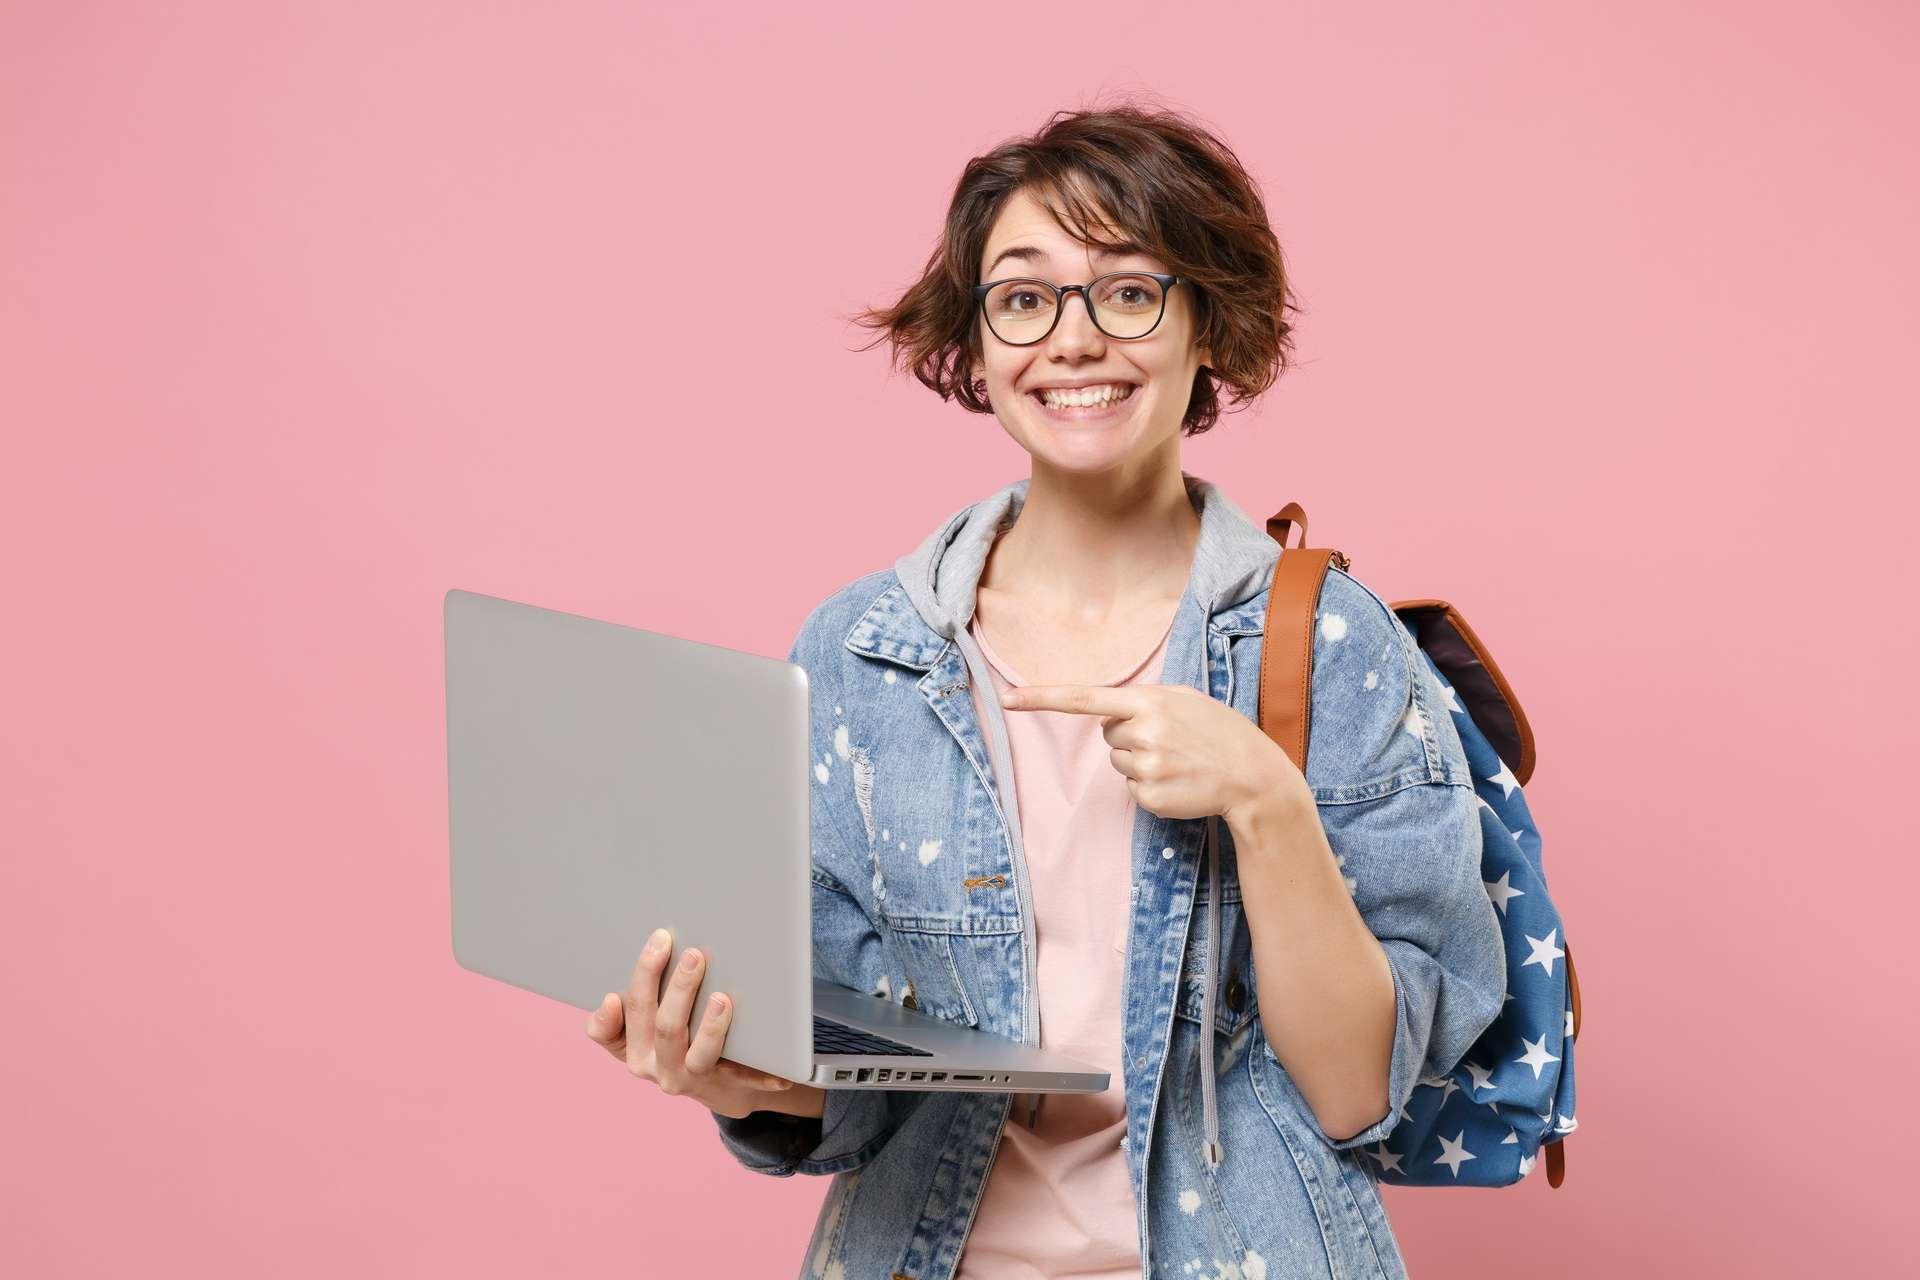 L'Étudiant coorganise pas moins de 17 salons virtuels cette année. © ViDi Studio, Adobe Stock